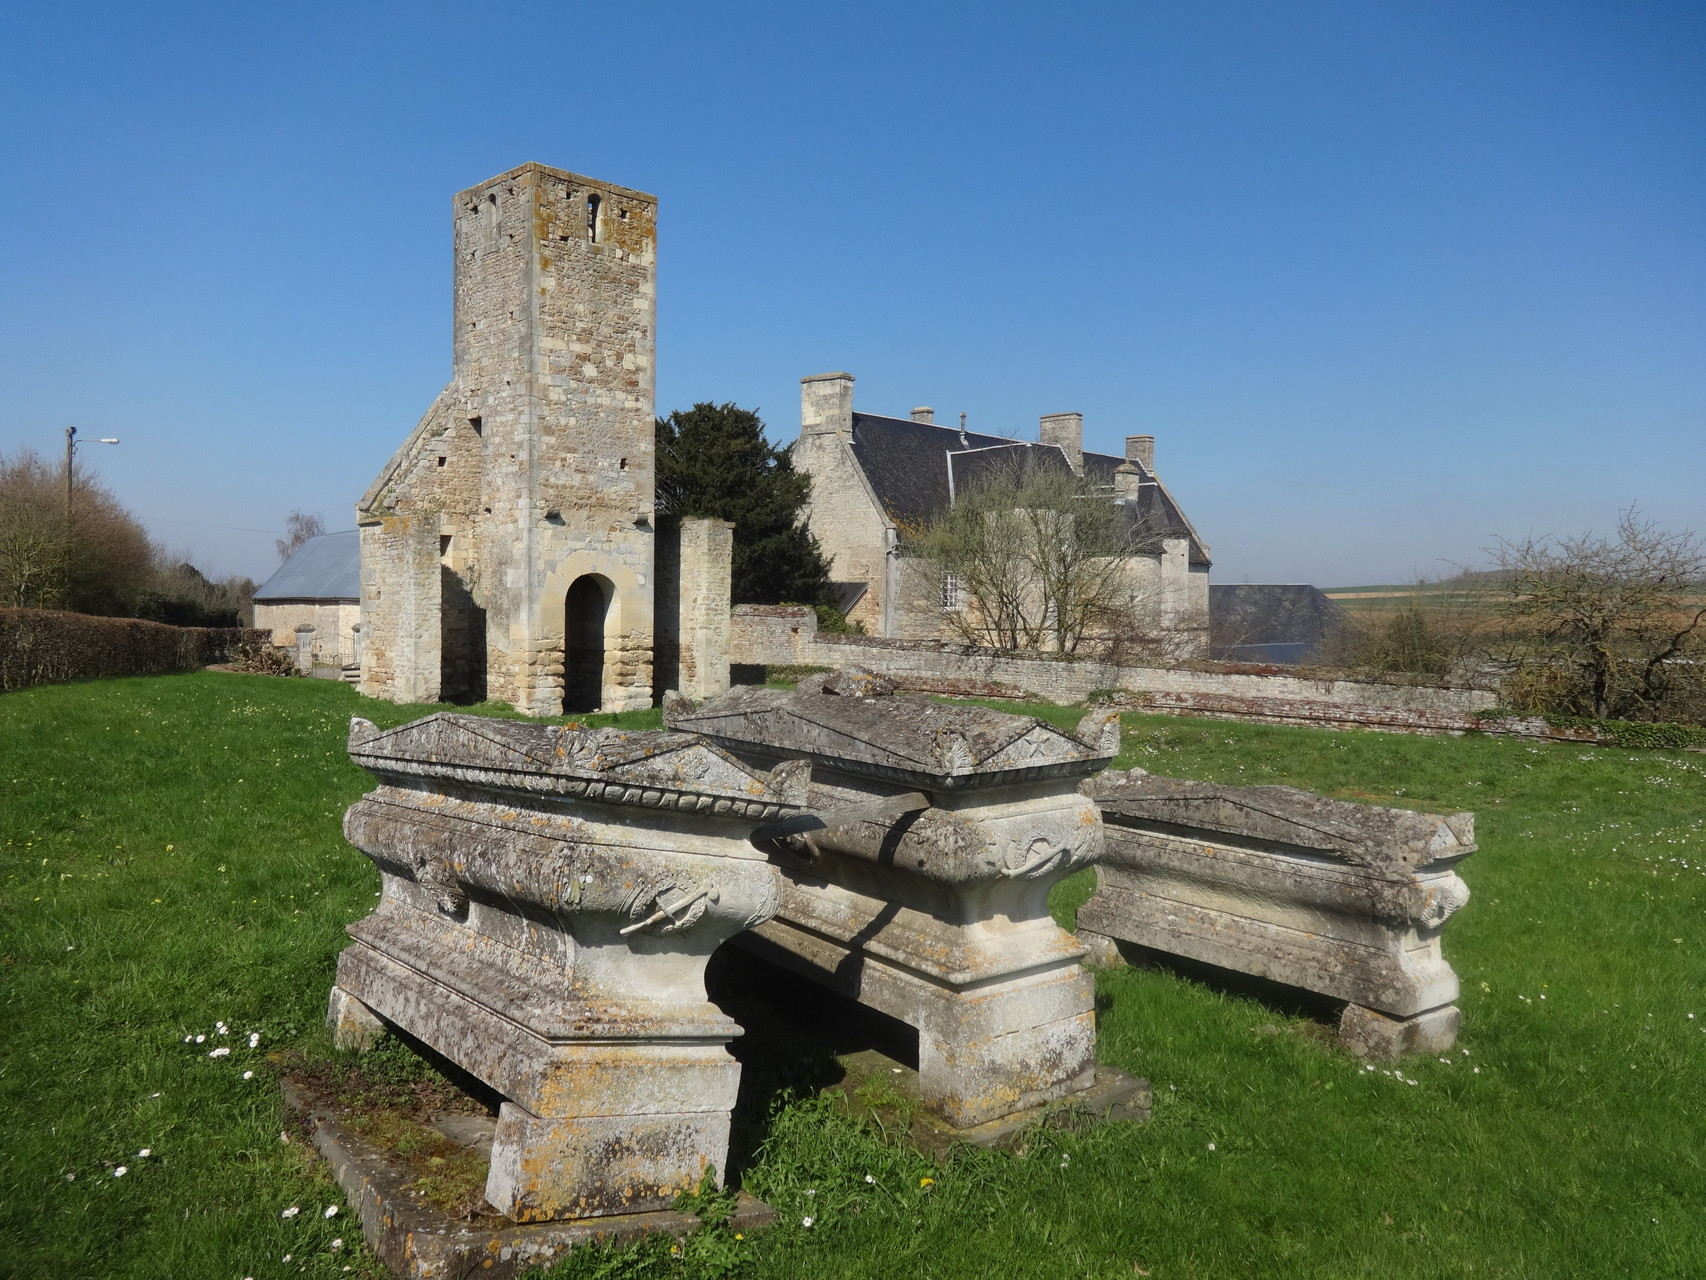 L'église de Fierville et ses tombeaux